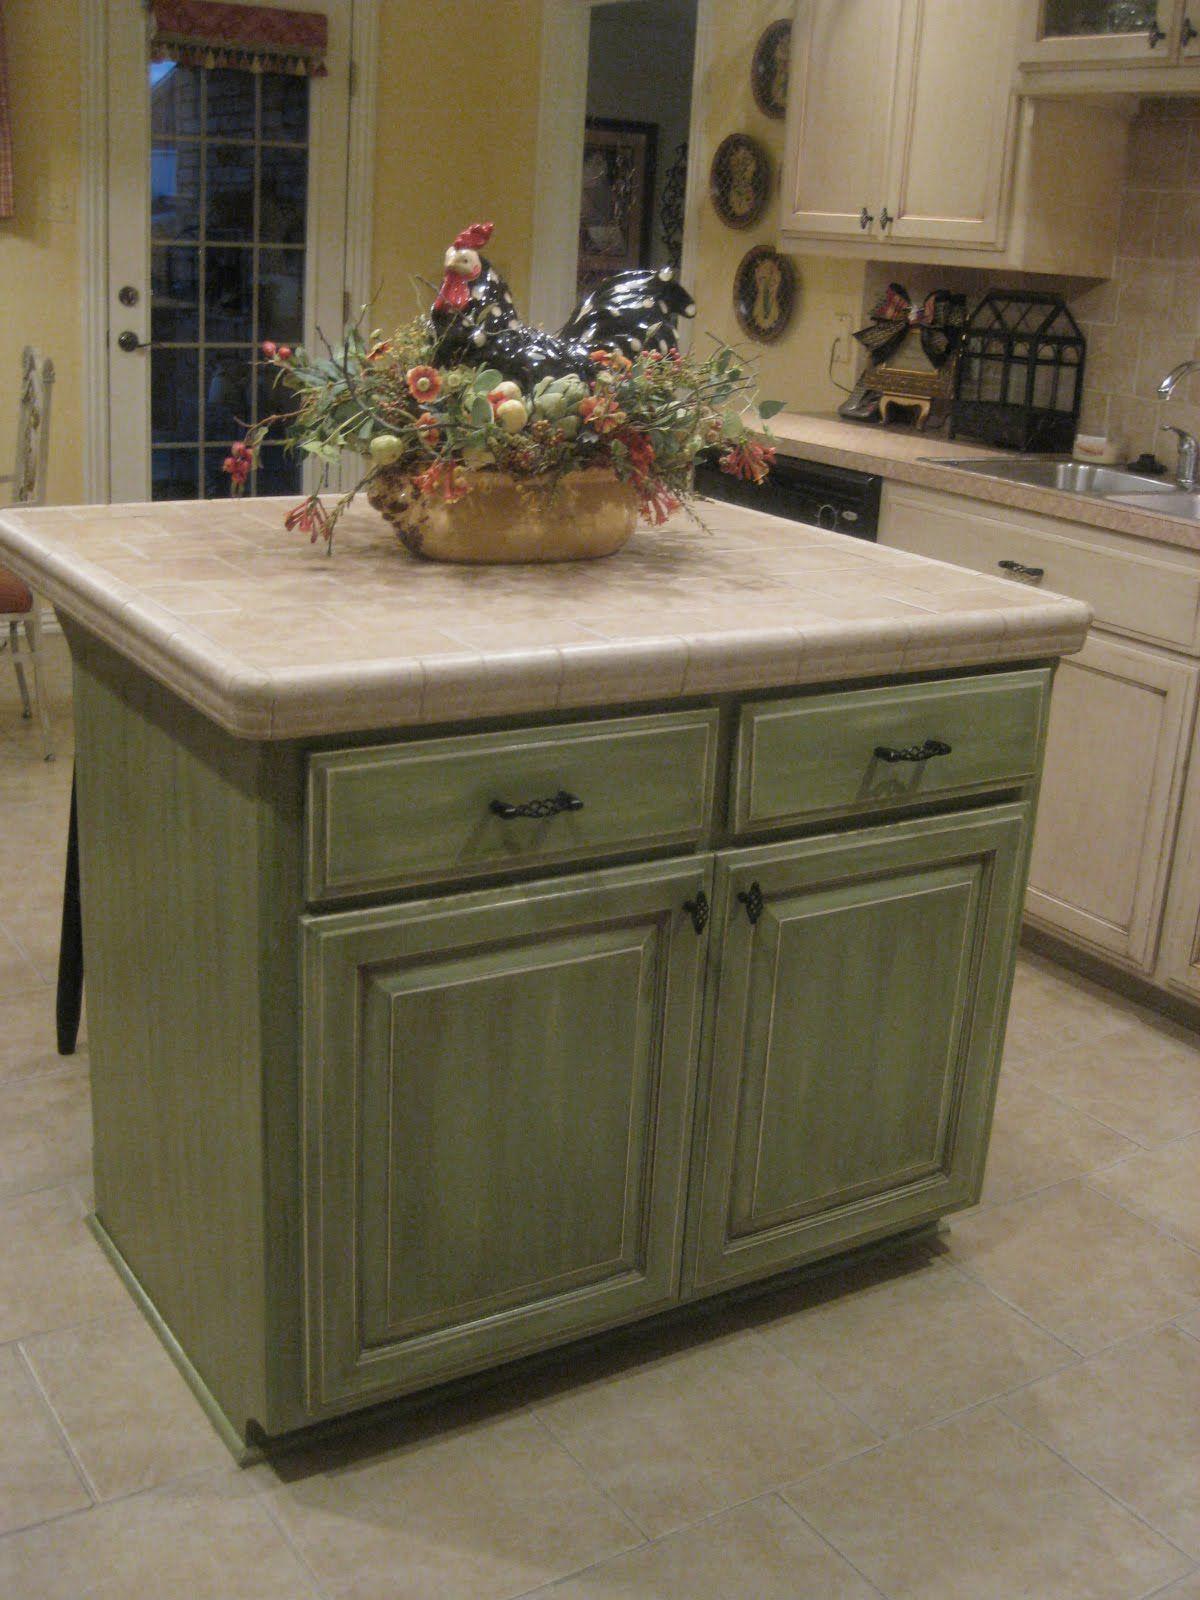 Glazed kitchen cabinets green kitchen cabinets pinterest